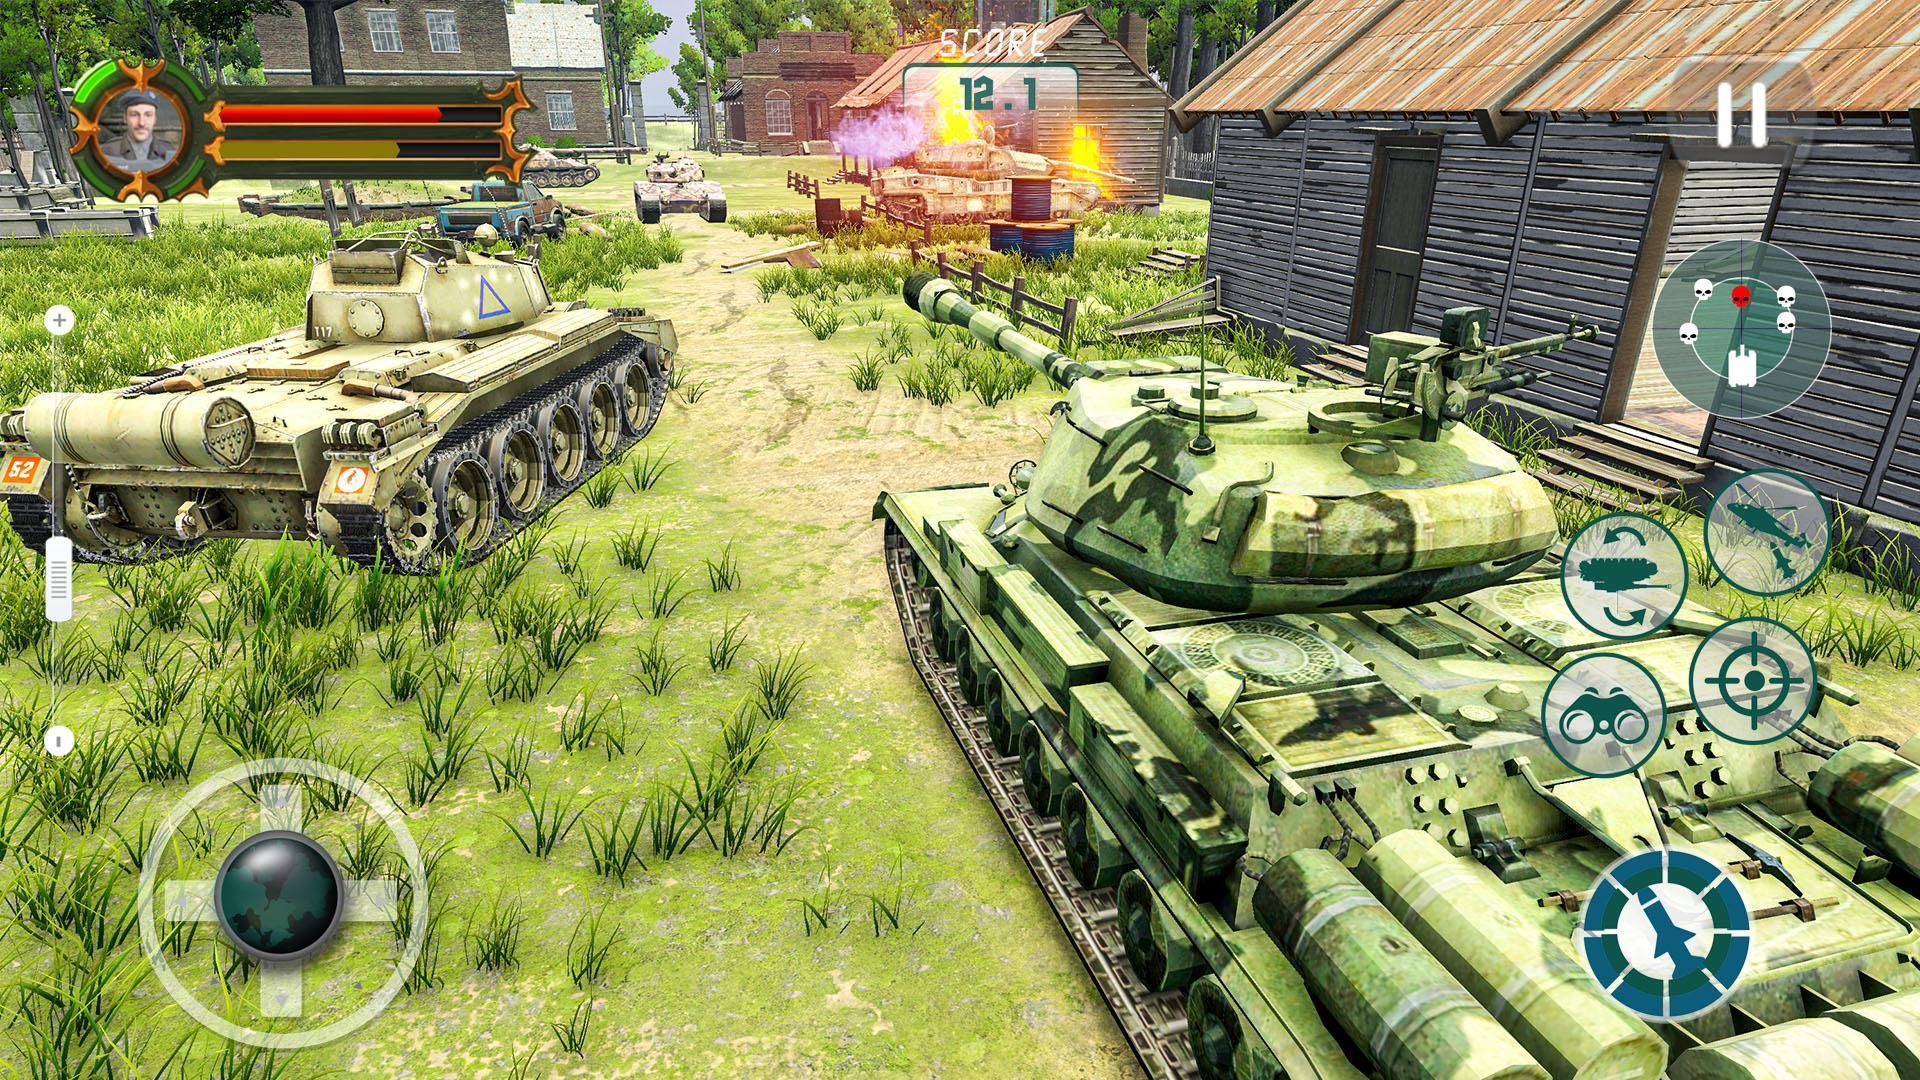 Battle Tank games 2020: Offline War Machines Games 1.6.1 Screenshot 8